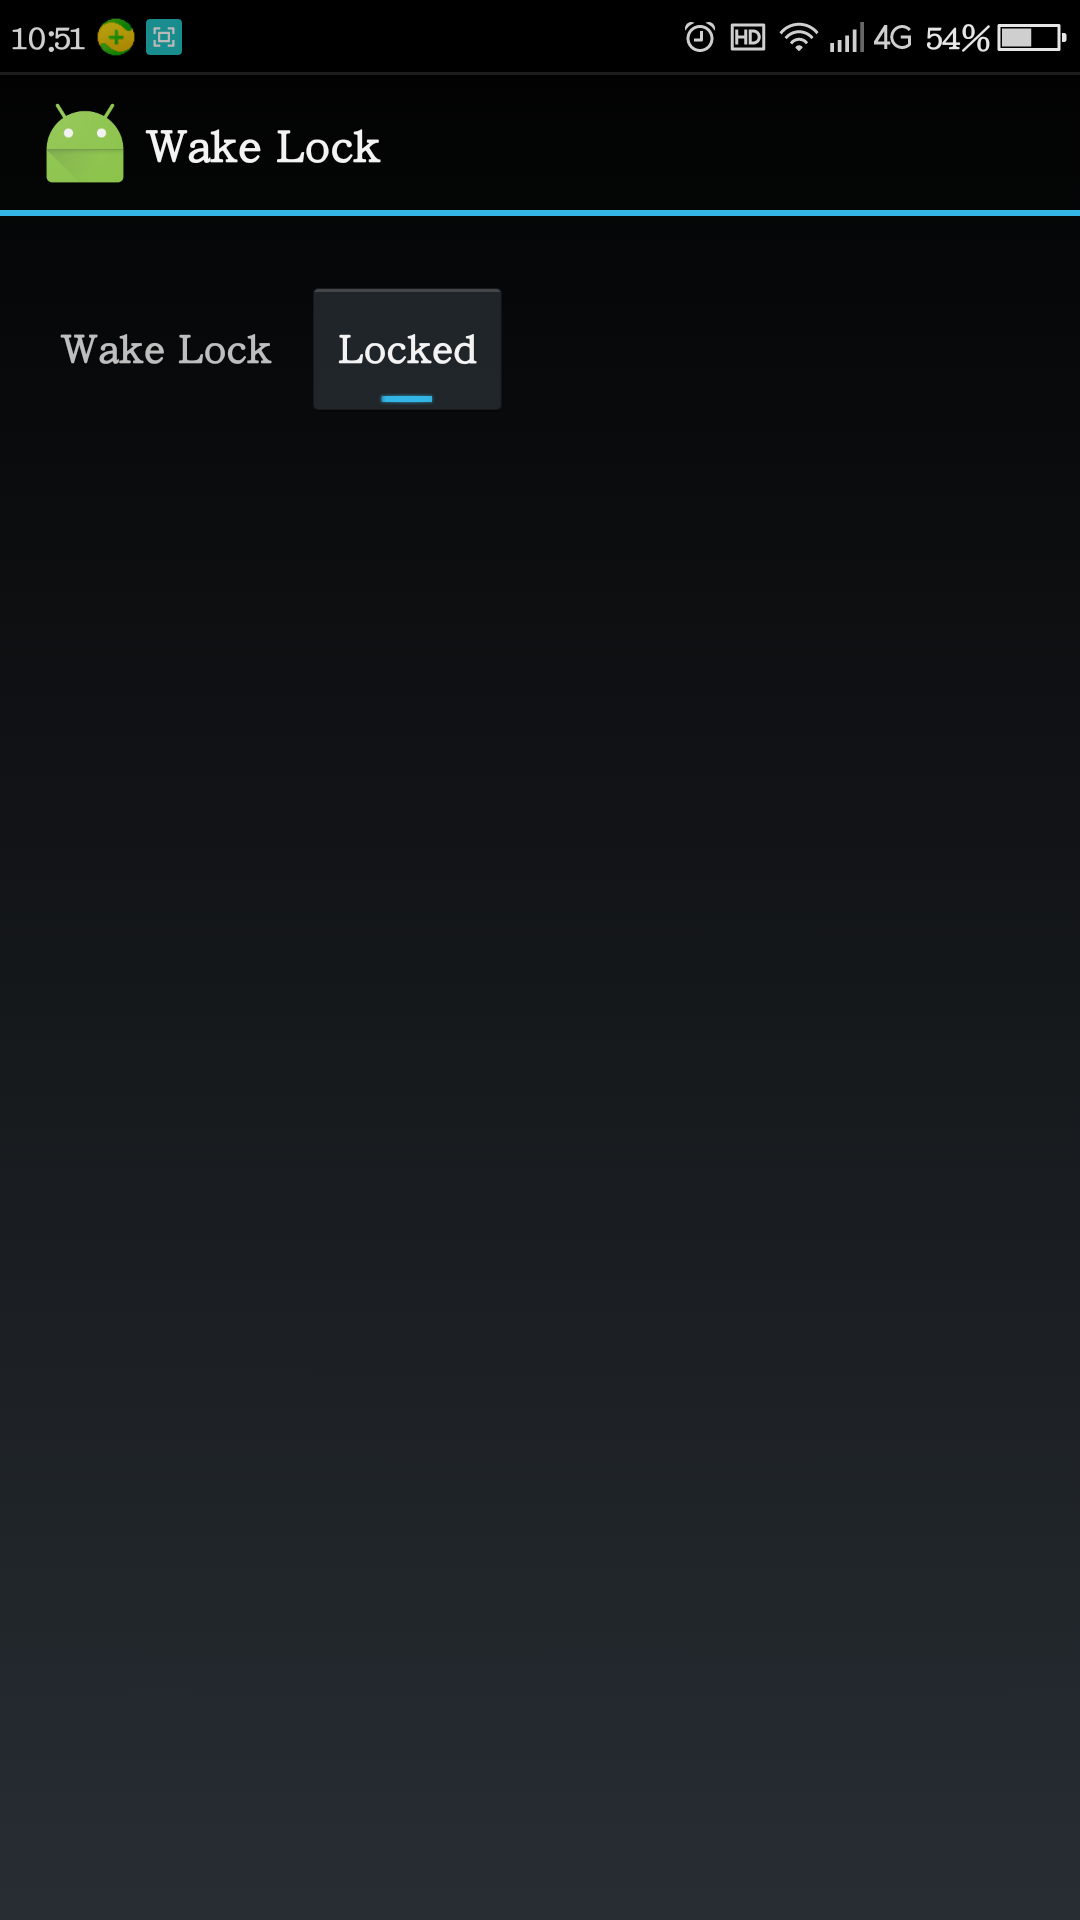 微信收不到信息